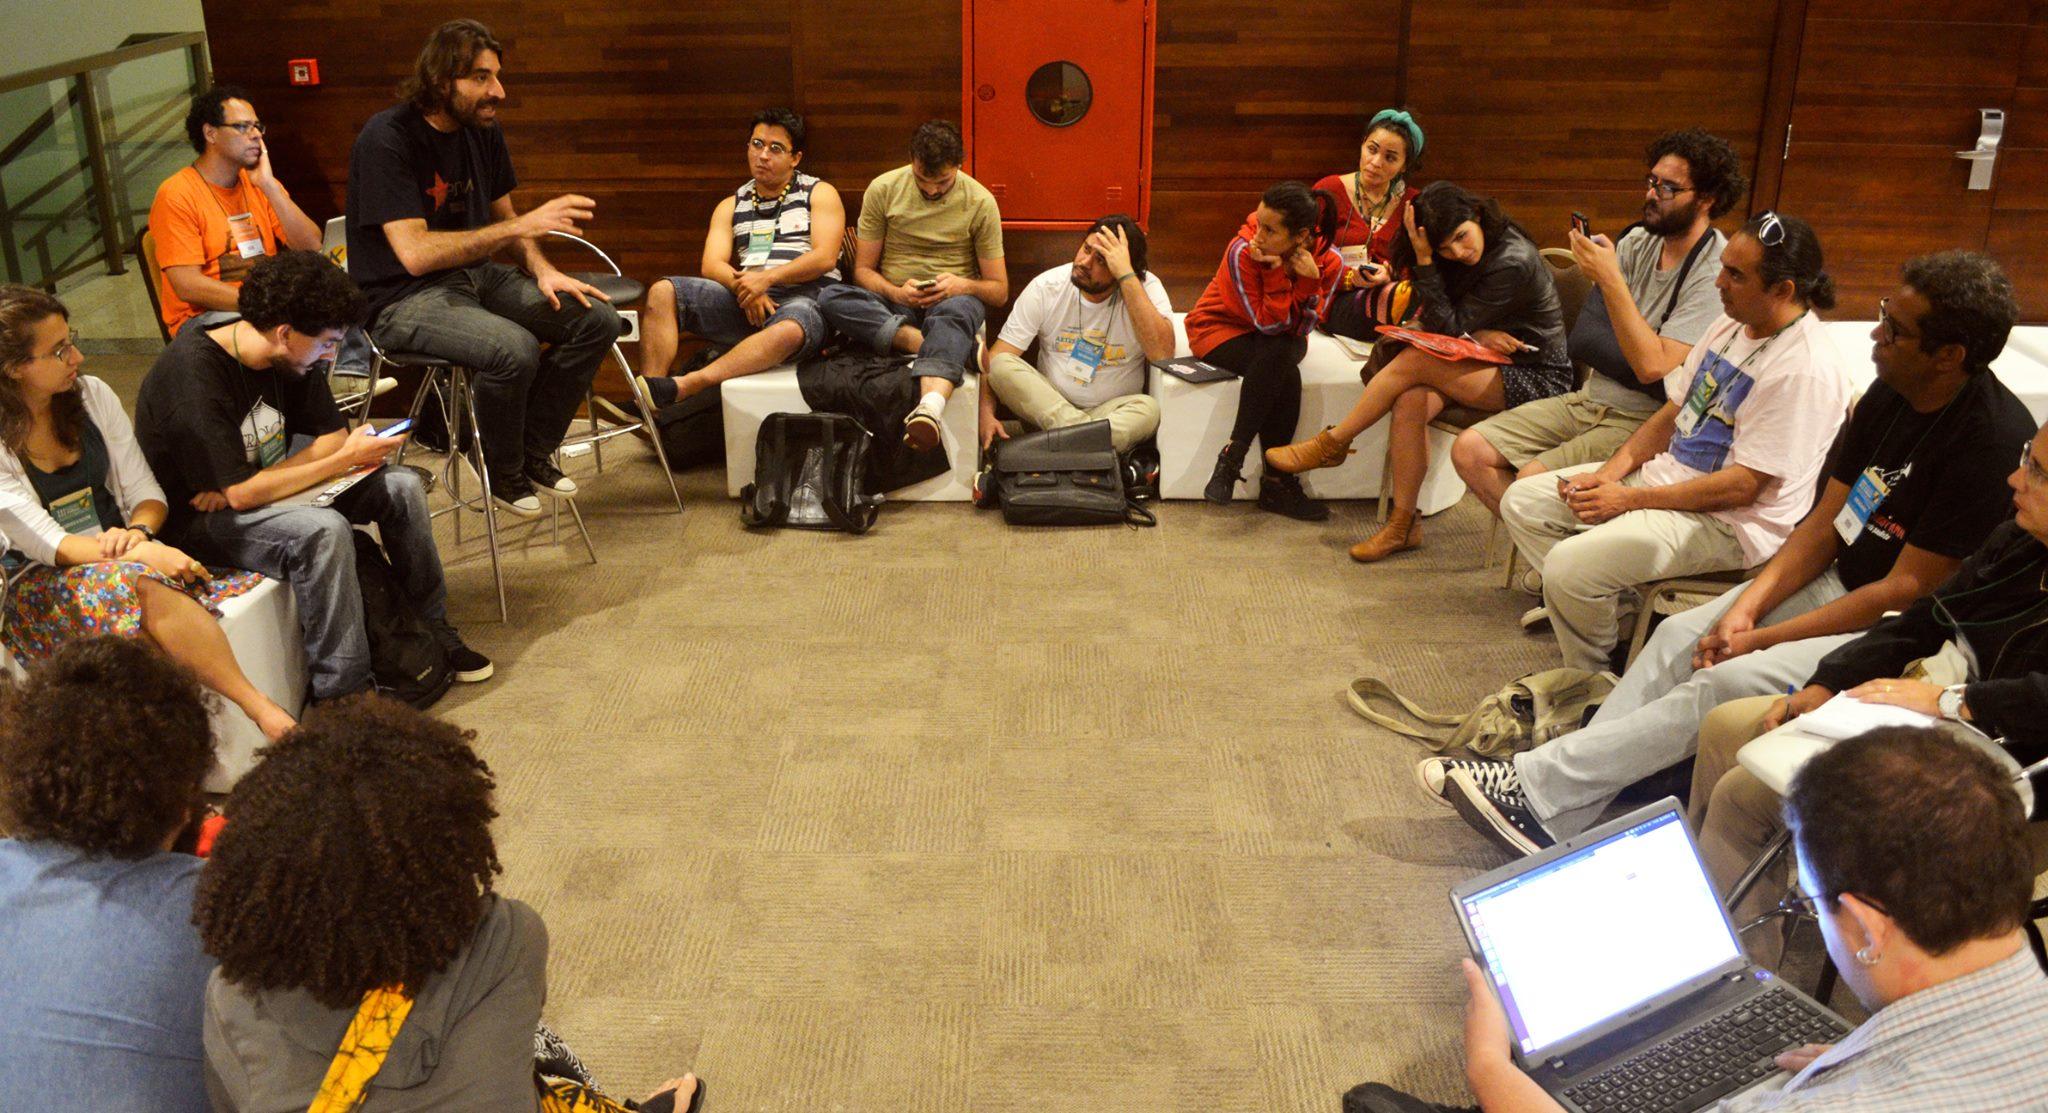 Autonomia tecnológica das organizações em debate na 3a CNC